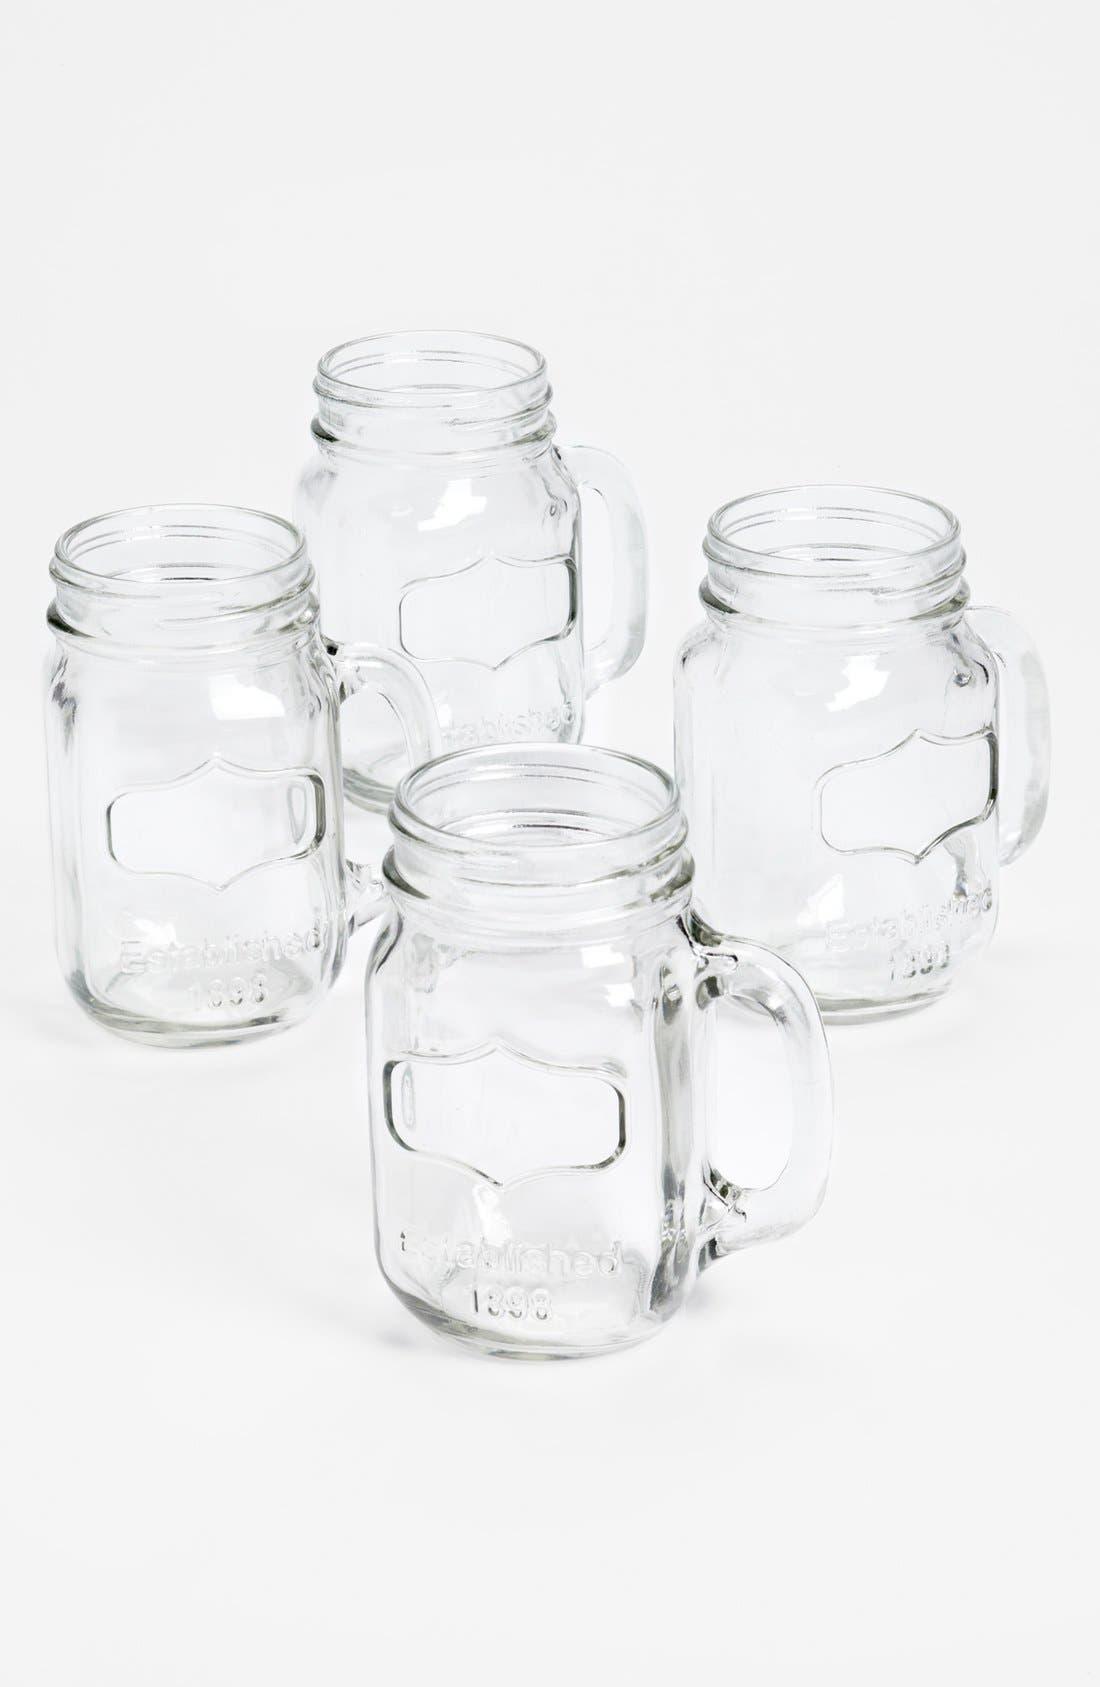 Main Image - Glass Mason Jar Mugs (Set of 4)